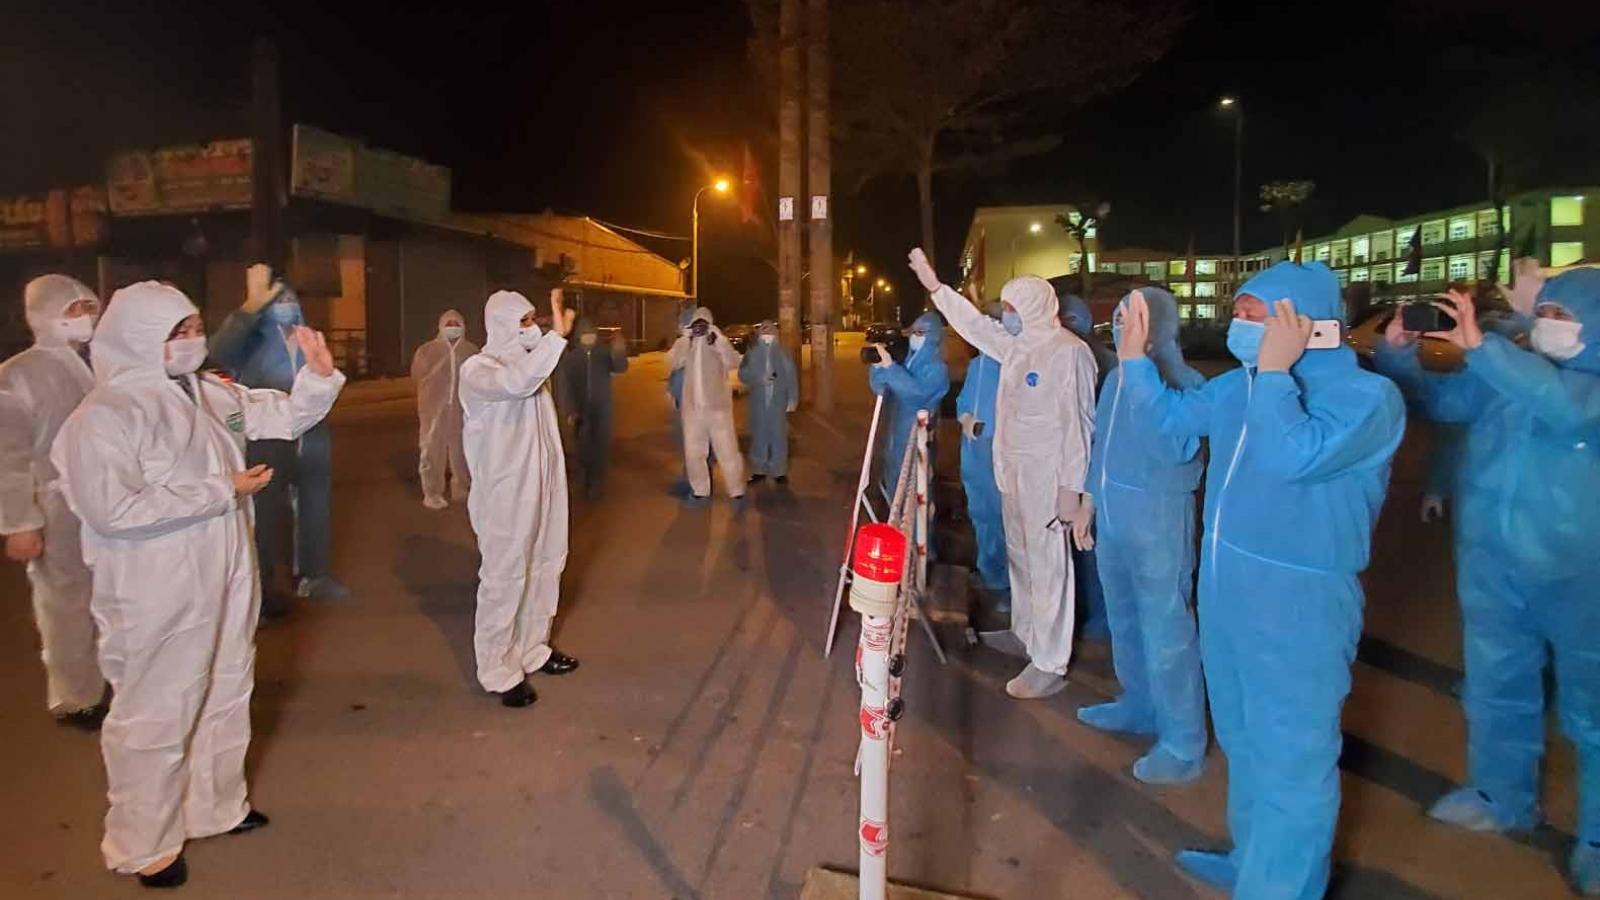 Thị xã Đông Triều sát dân, quyết tâm khoanh gọn ổ dịch